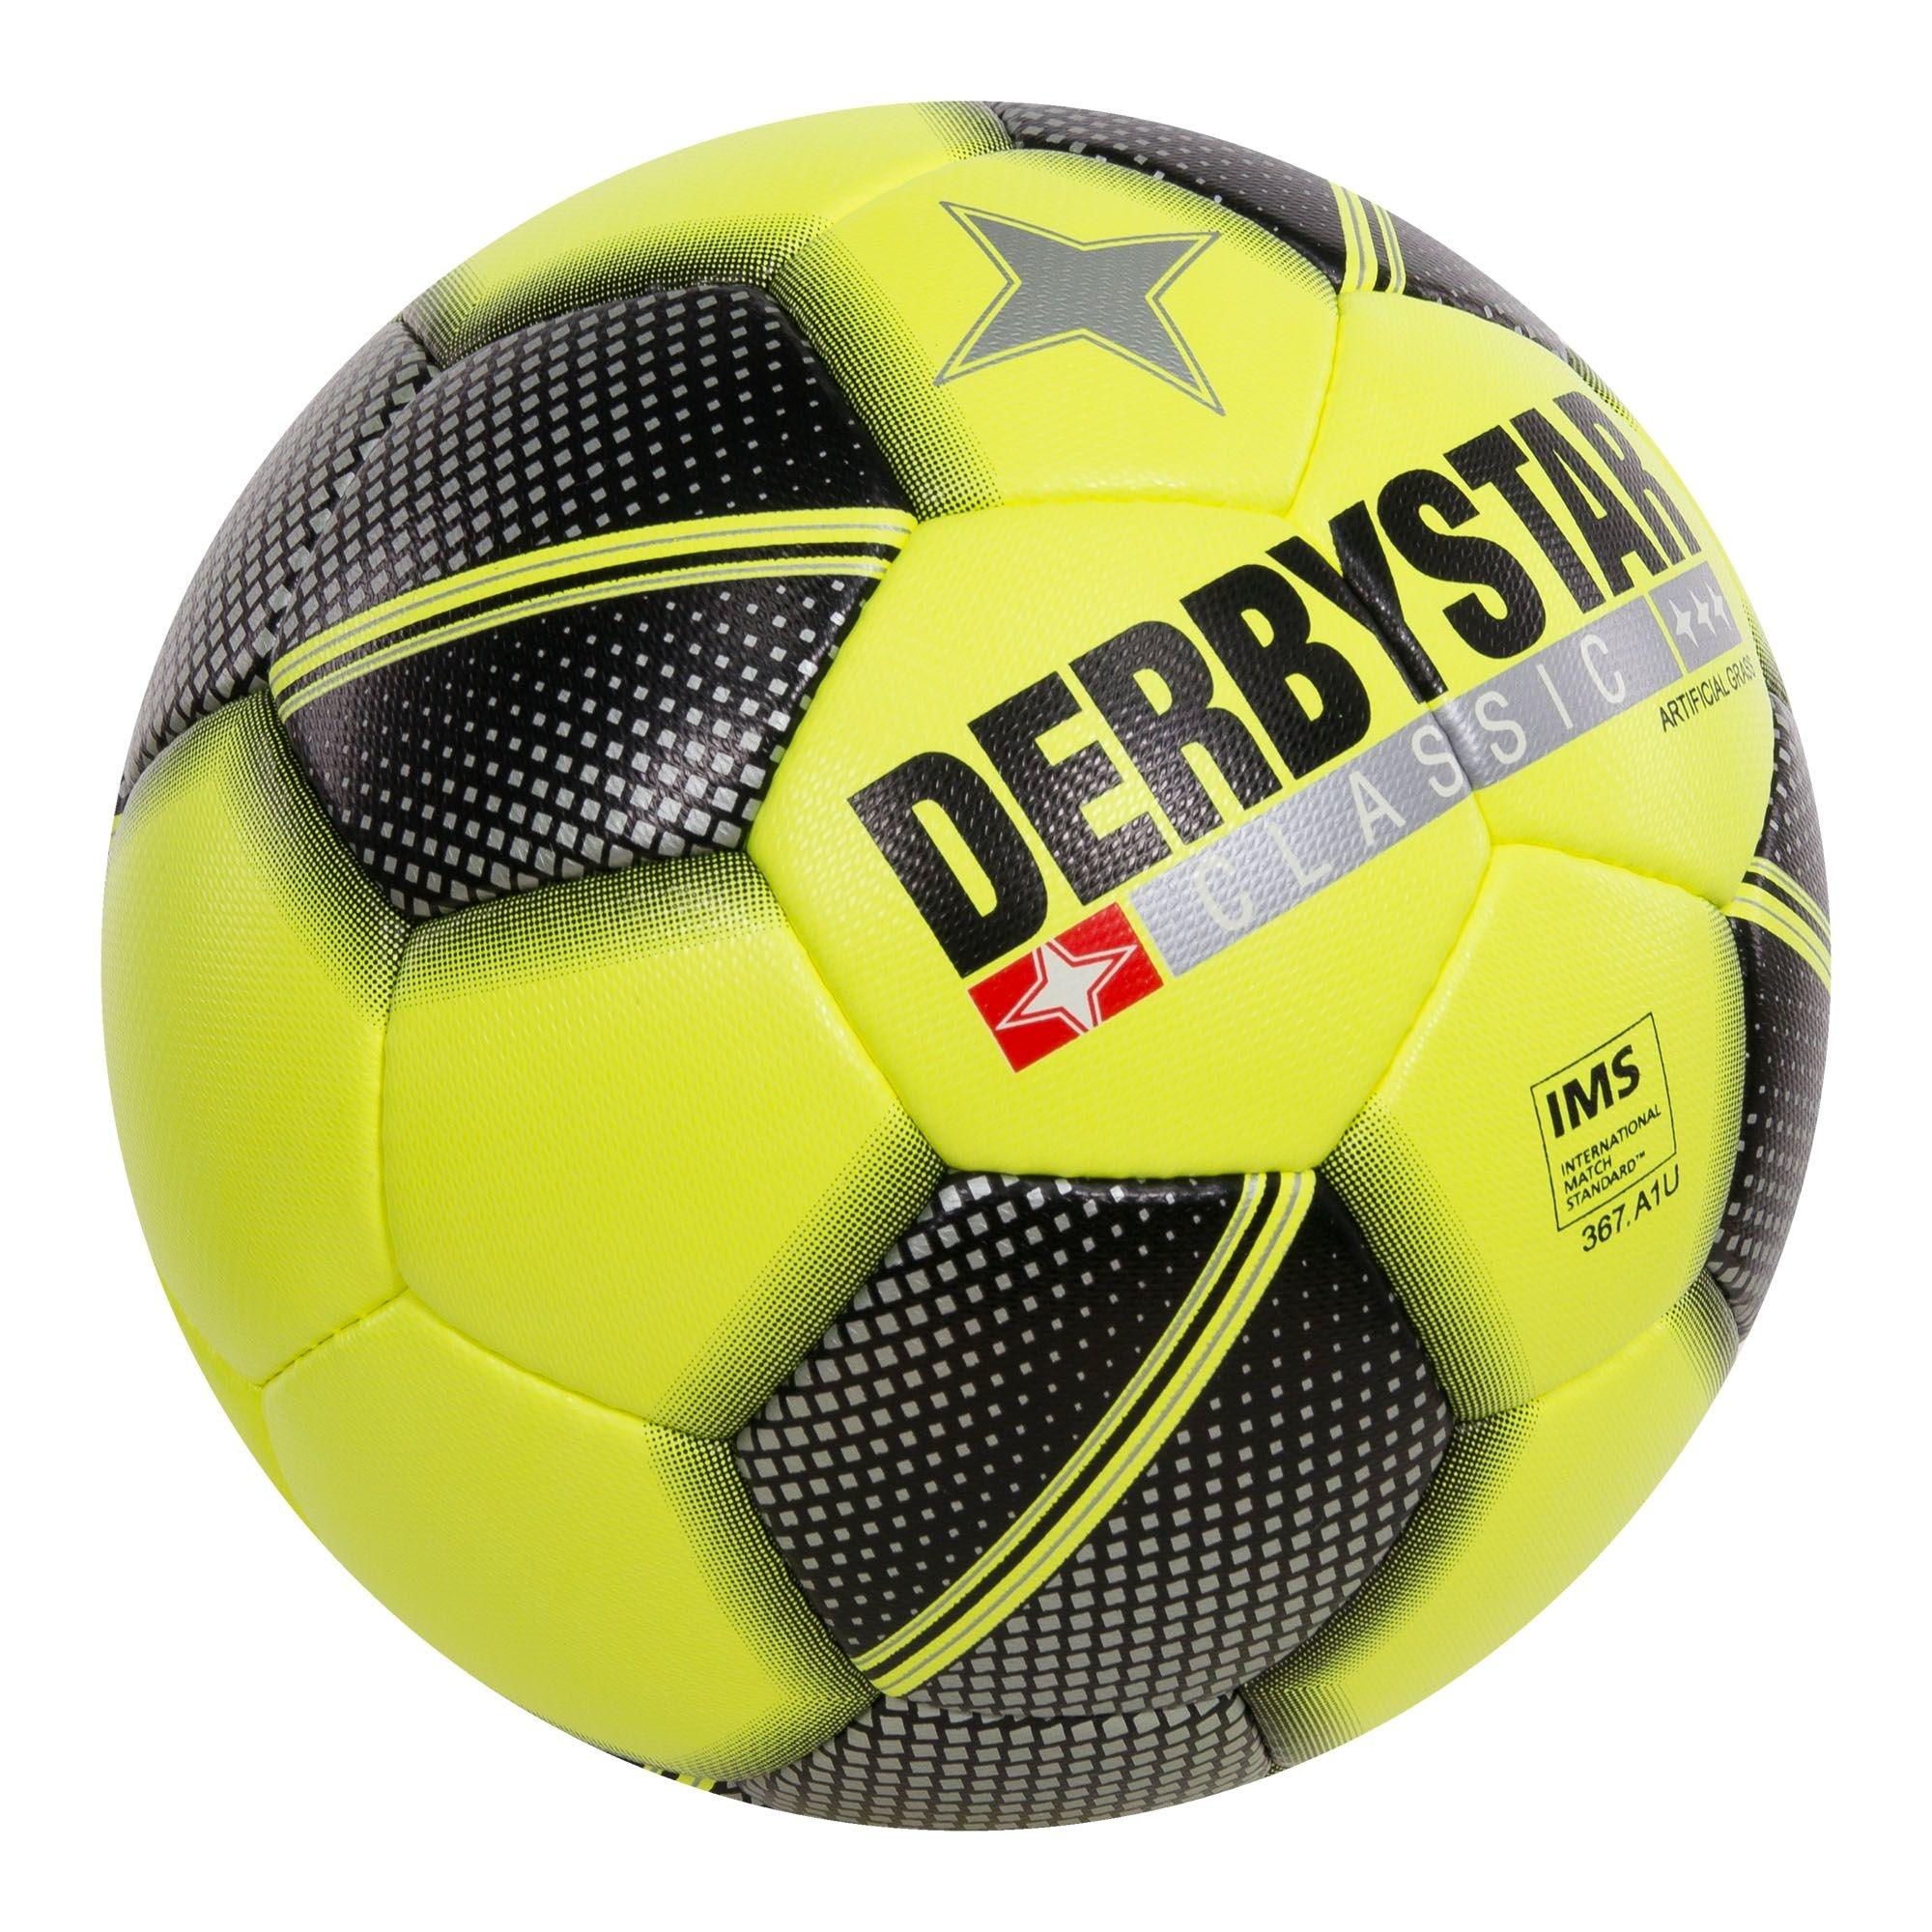 Derbystar Classic TT Kunstgras